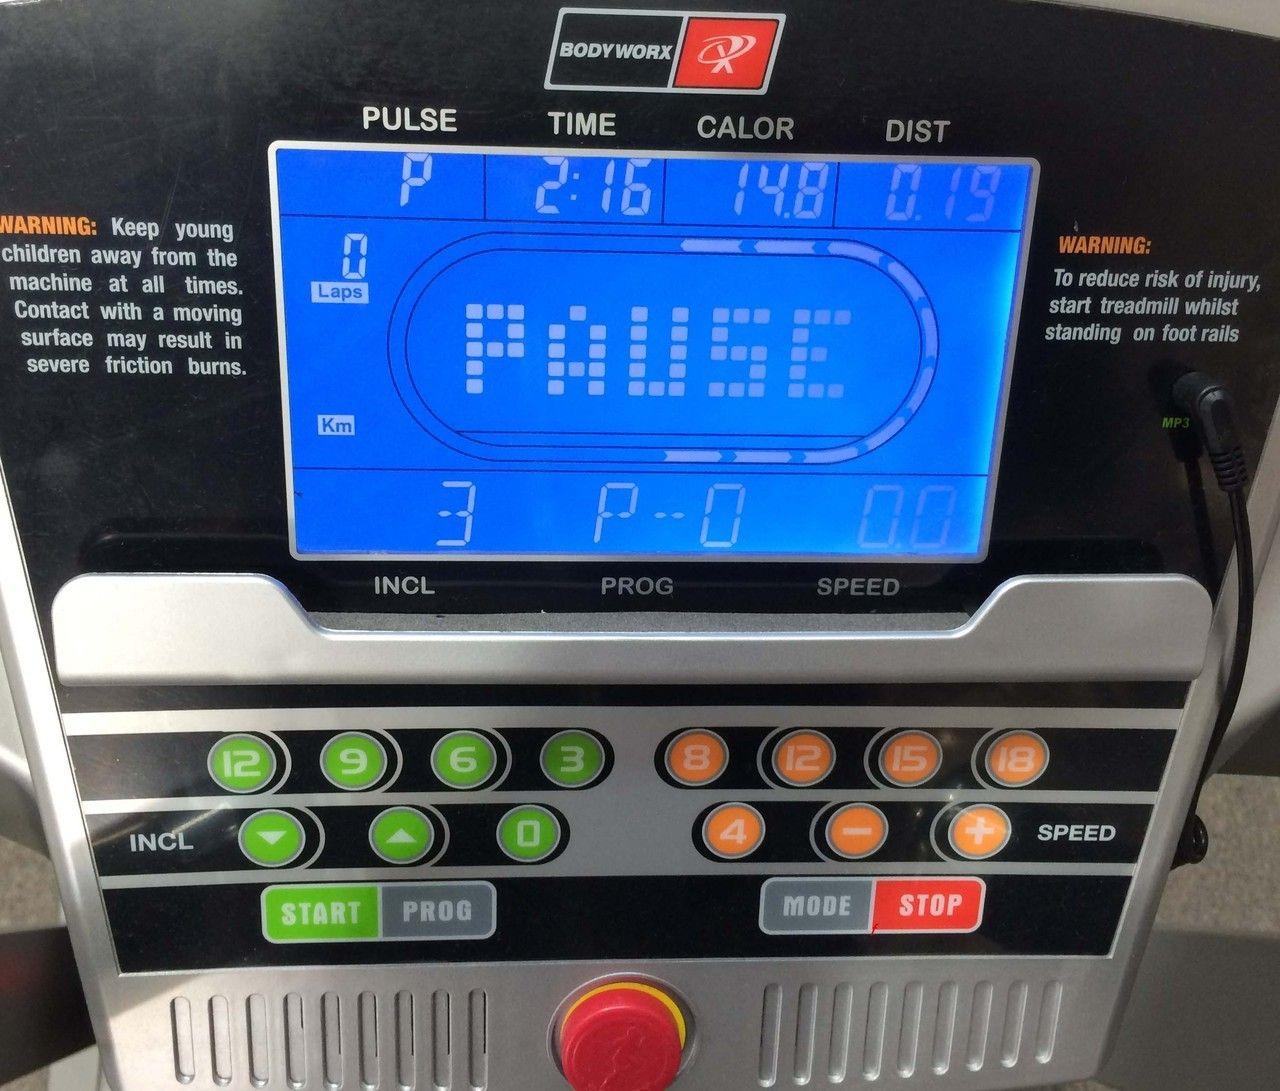 Bodyworx Phoenix Treadmill, 1,599.00 (http